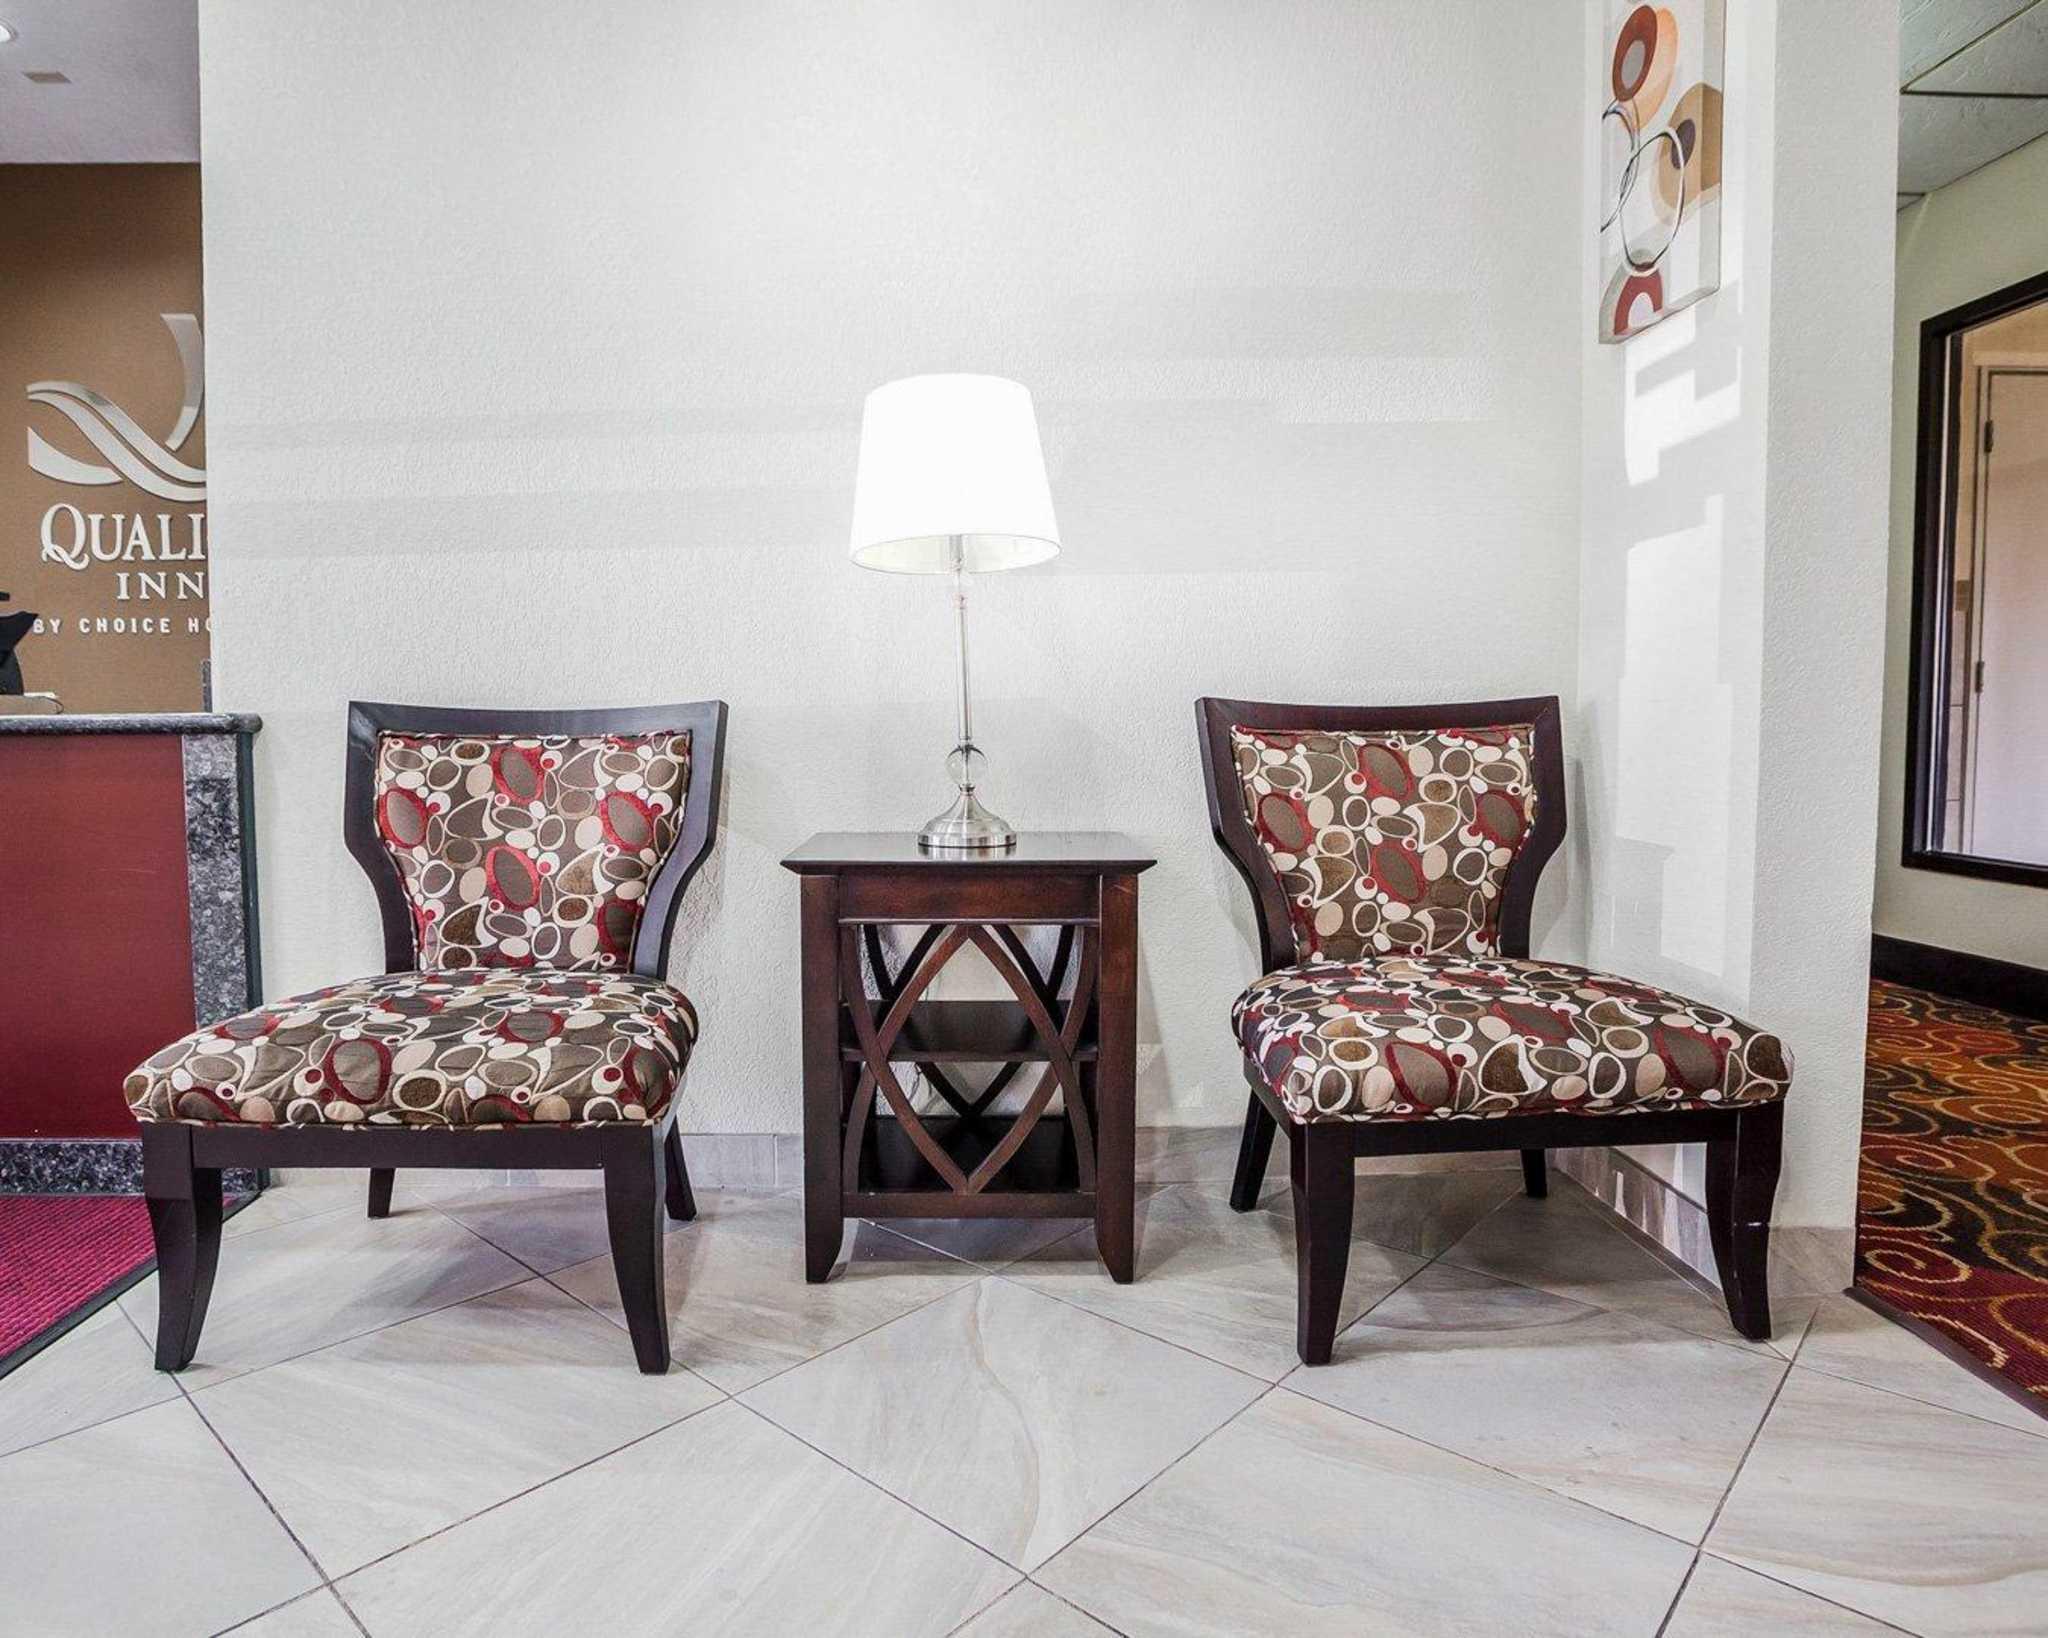 Quality Inn & Suites Altoona - Des Moines image 18